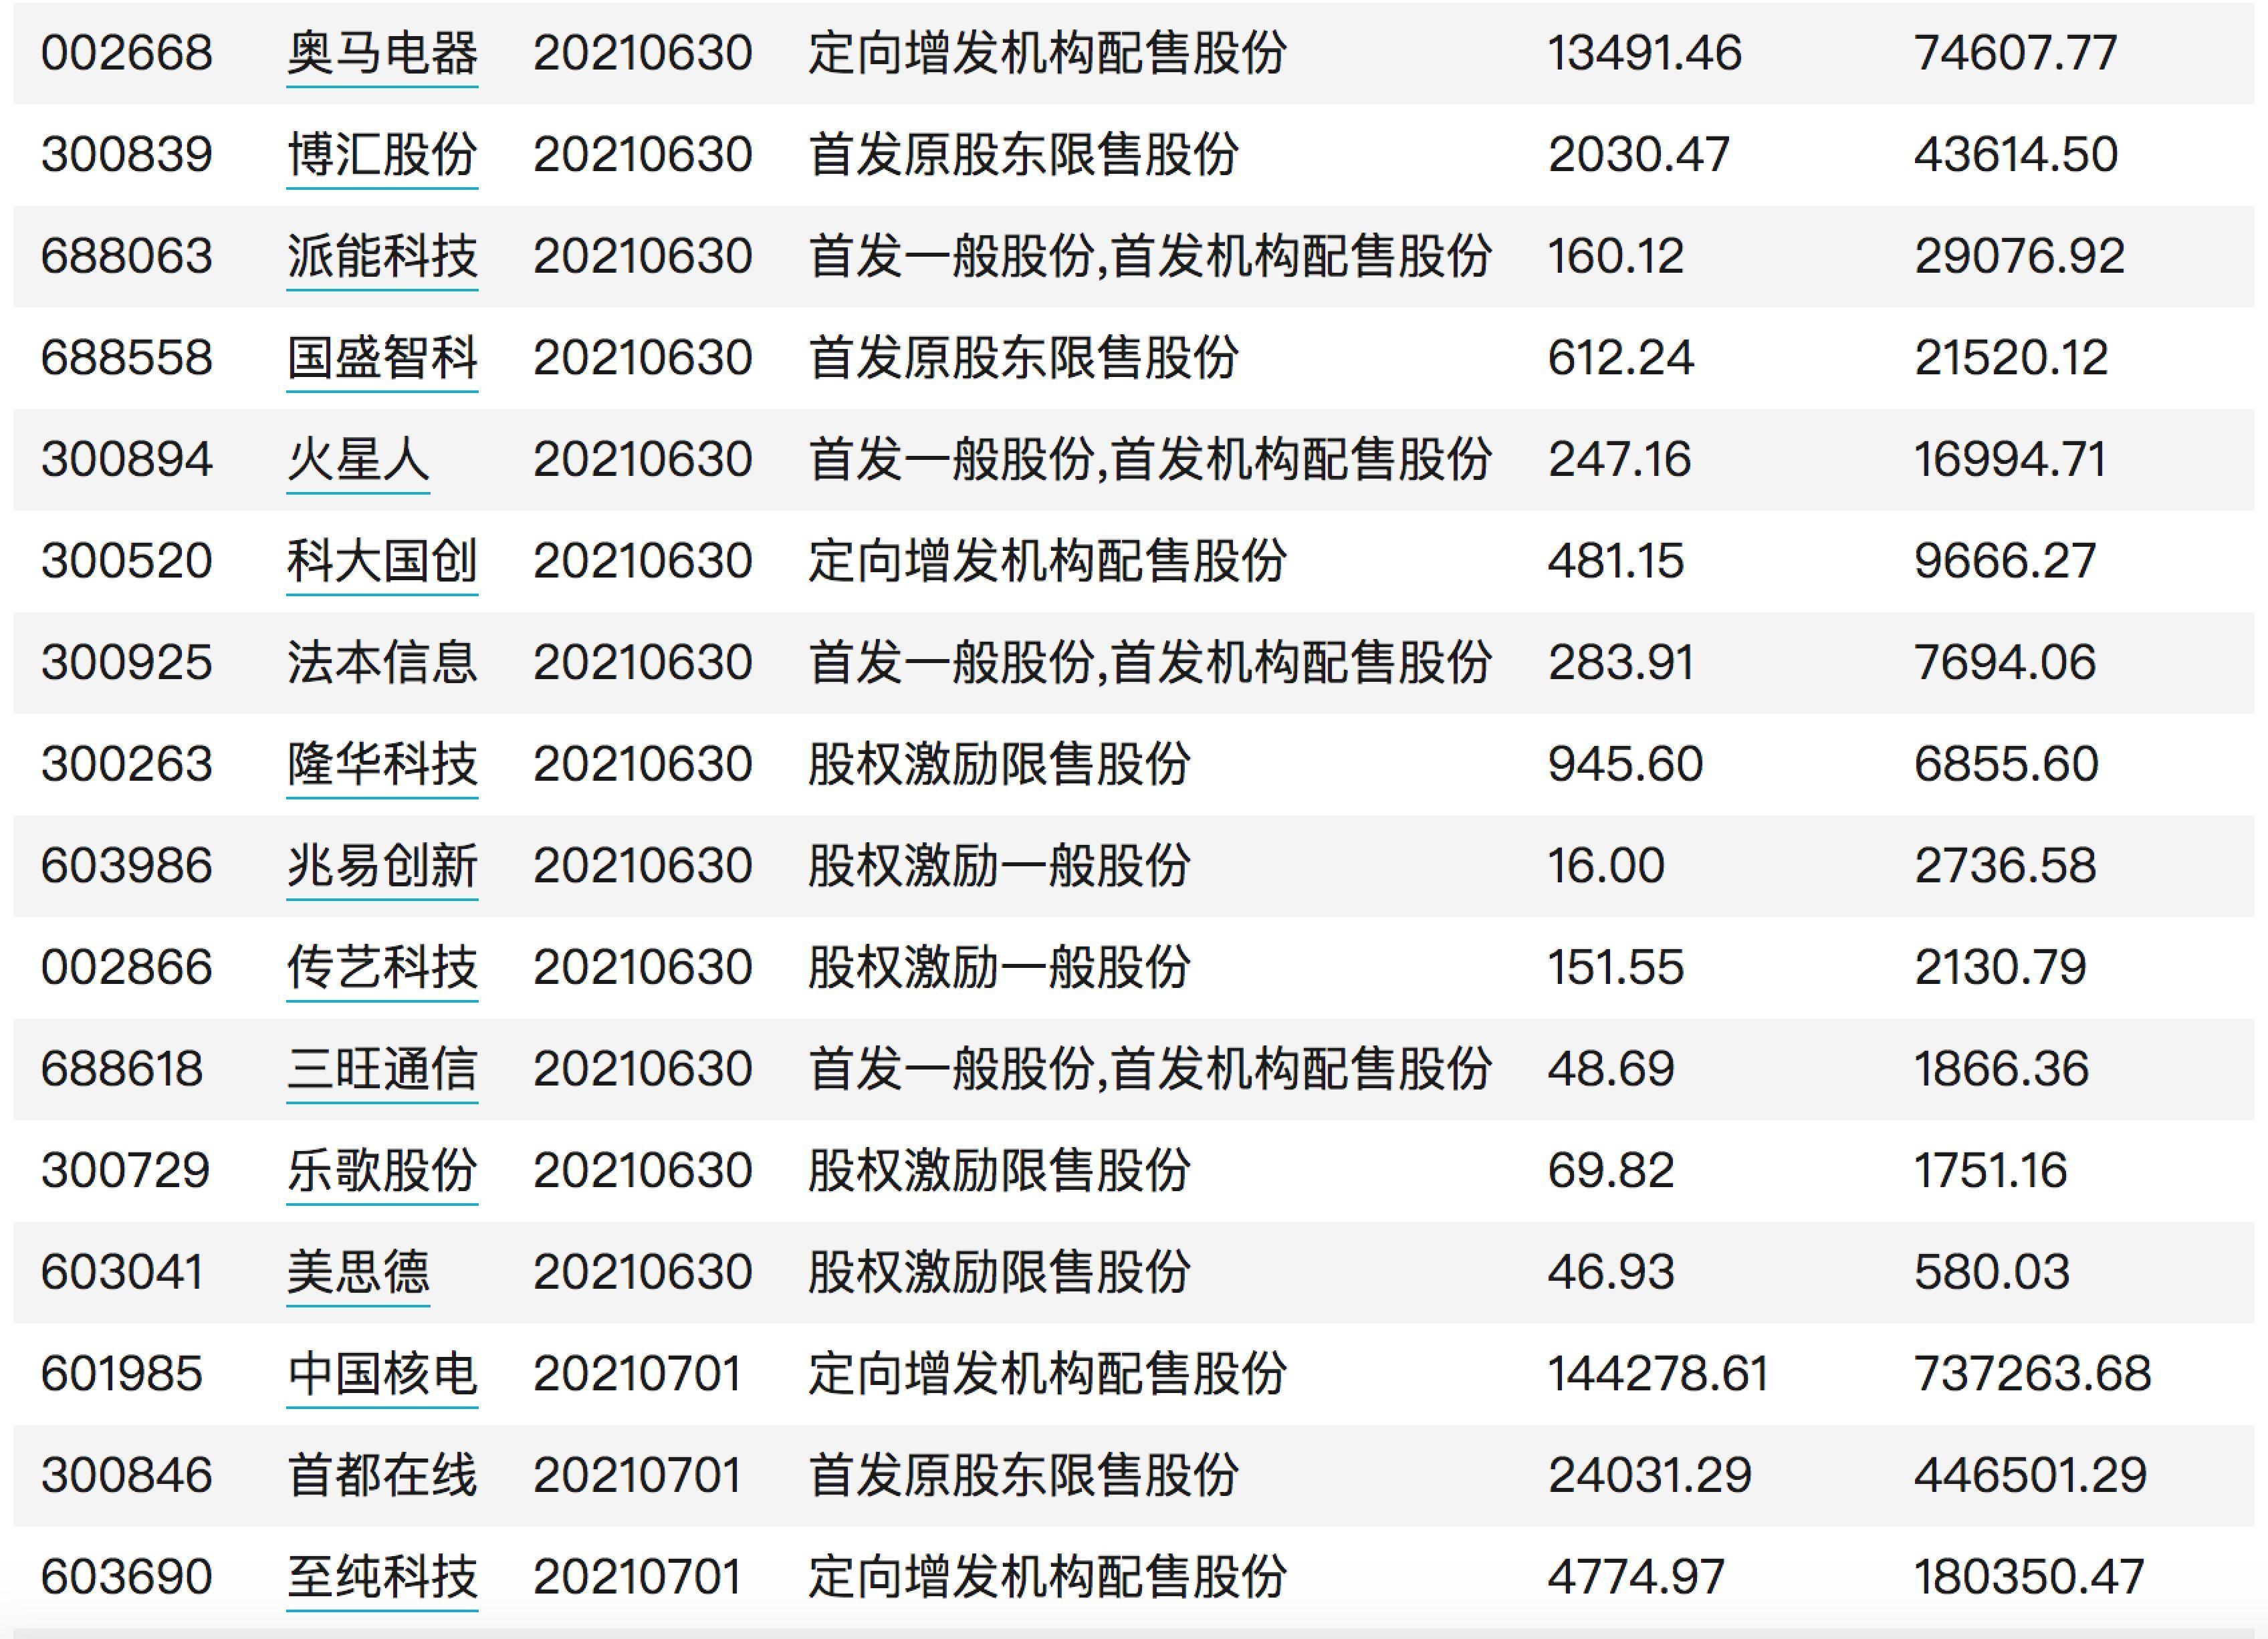 超千亿市值限售股陆续解禁 明天迎解禁高峰